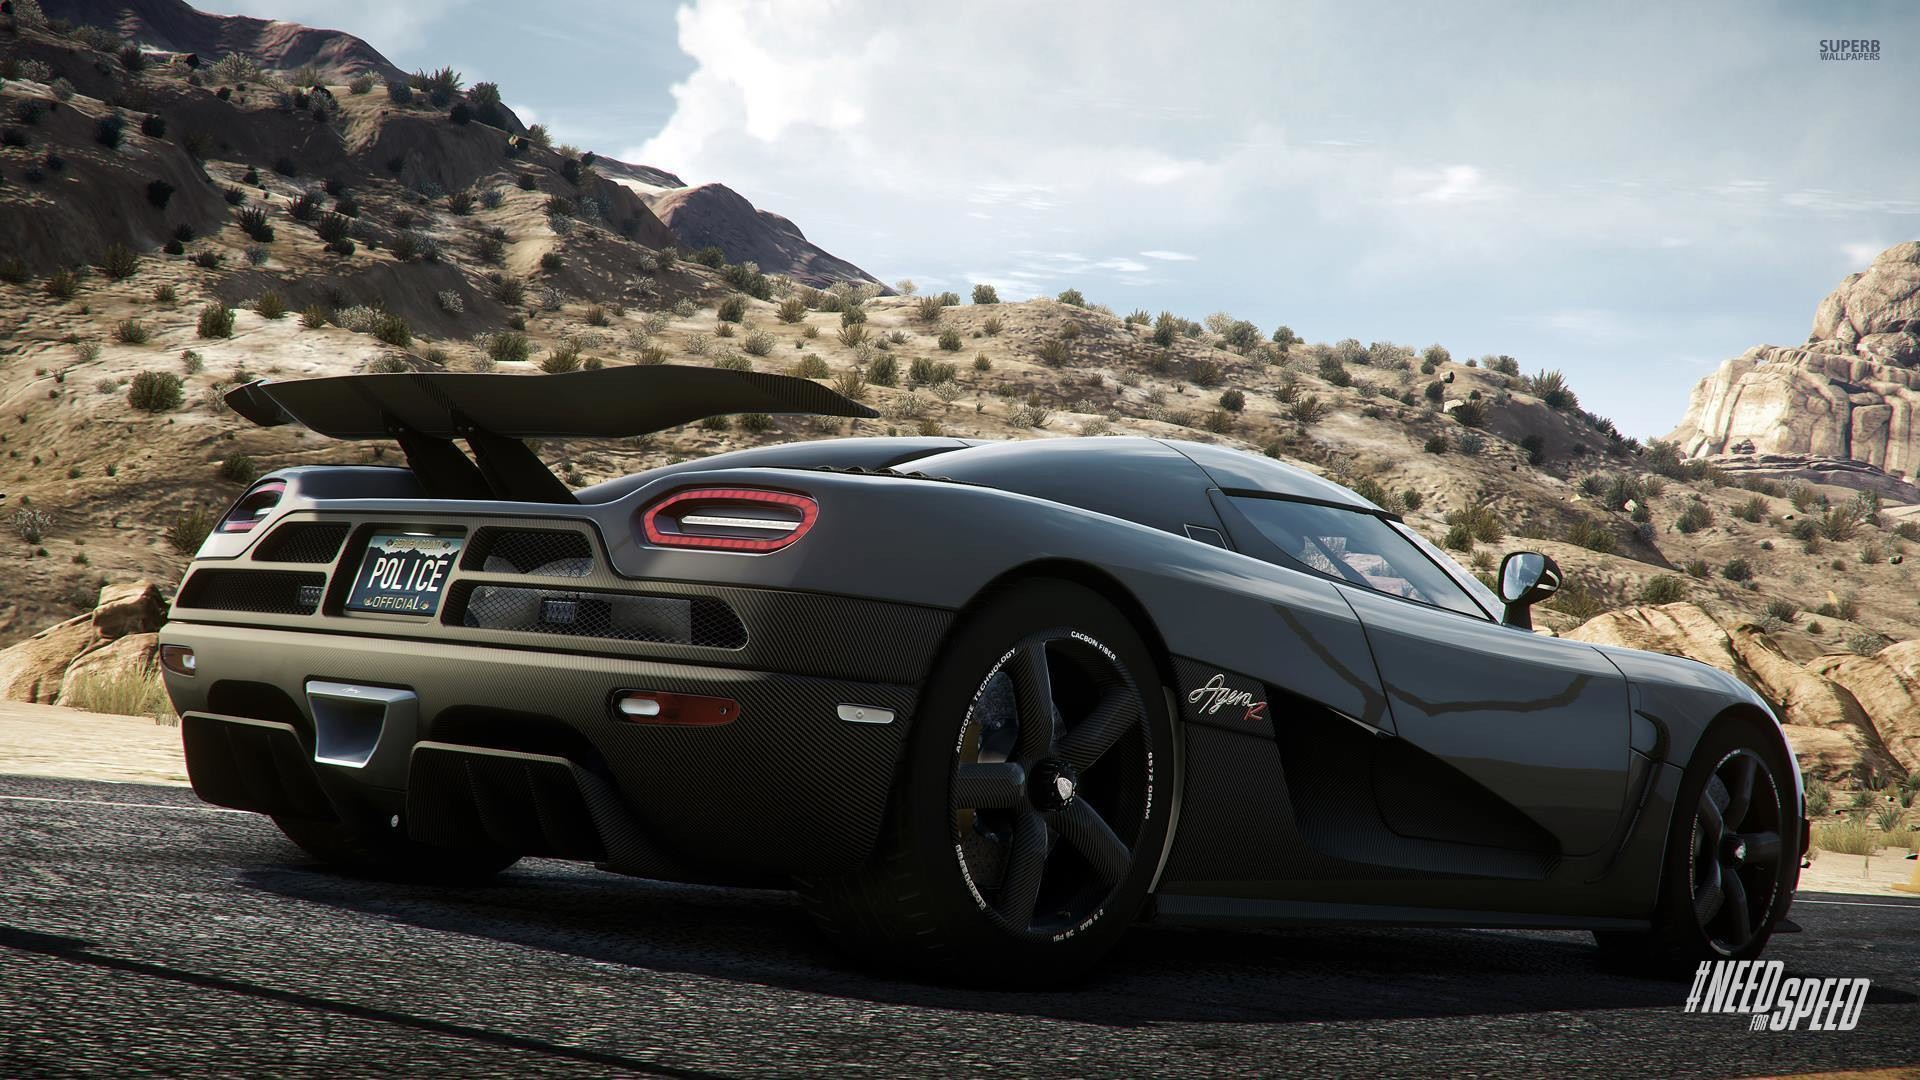 65 Koenigsegg Agera R Wallpaper 1080p